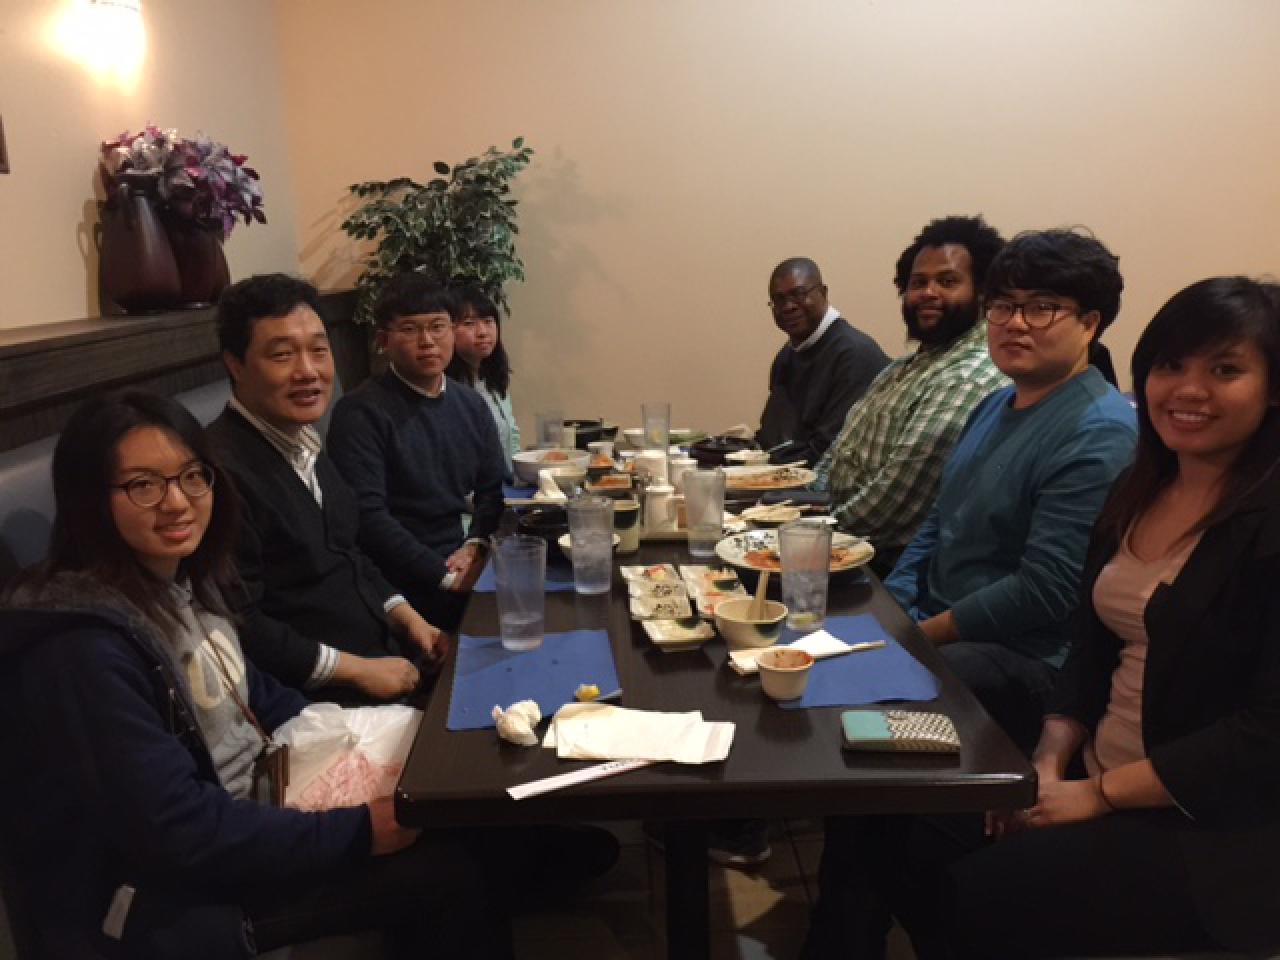 2017 group dinner